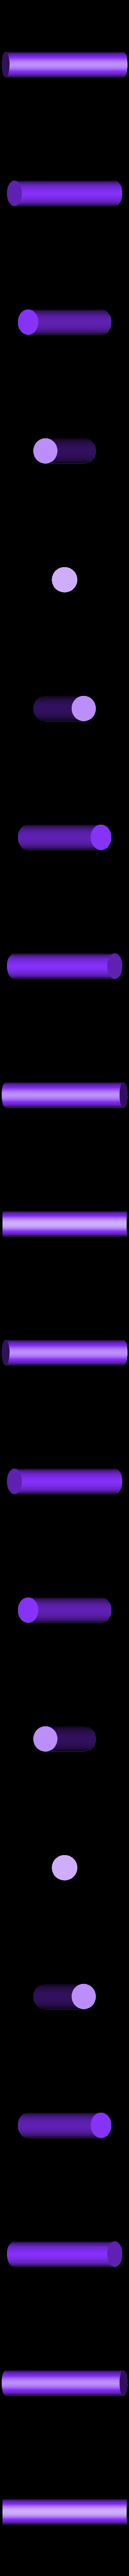 ok (7).stl Télécharger fichier STL gratuit pistolet fonctionnel gun • Objet pour imprimante 3D, jolafrite342